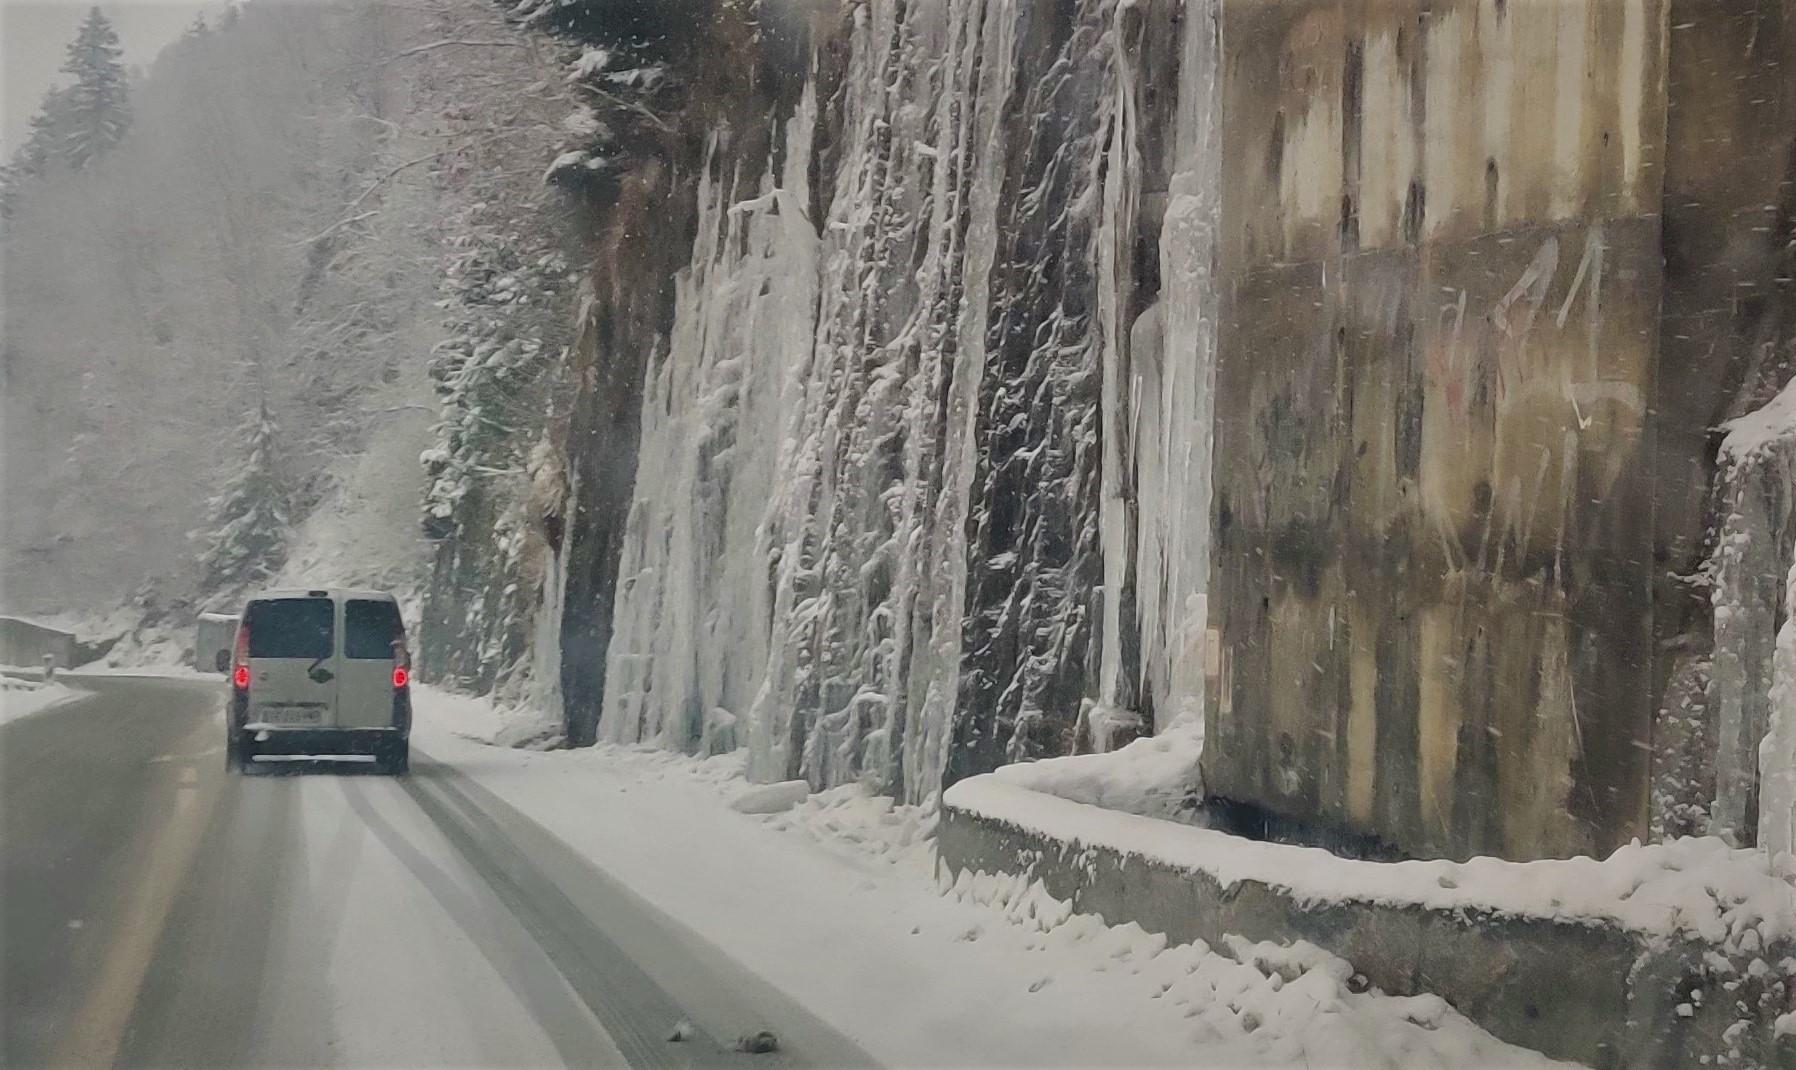 Urbex Frankreich Industriekultur Oisans Alpen verschneite Straße, Auto, Felsig, steile Wände große Eiszapfenstrukturen, Winter